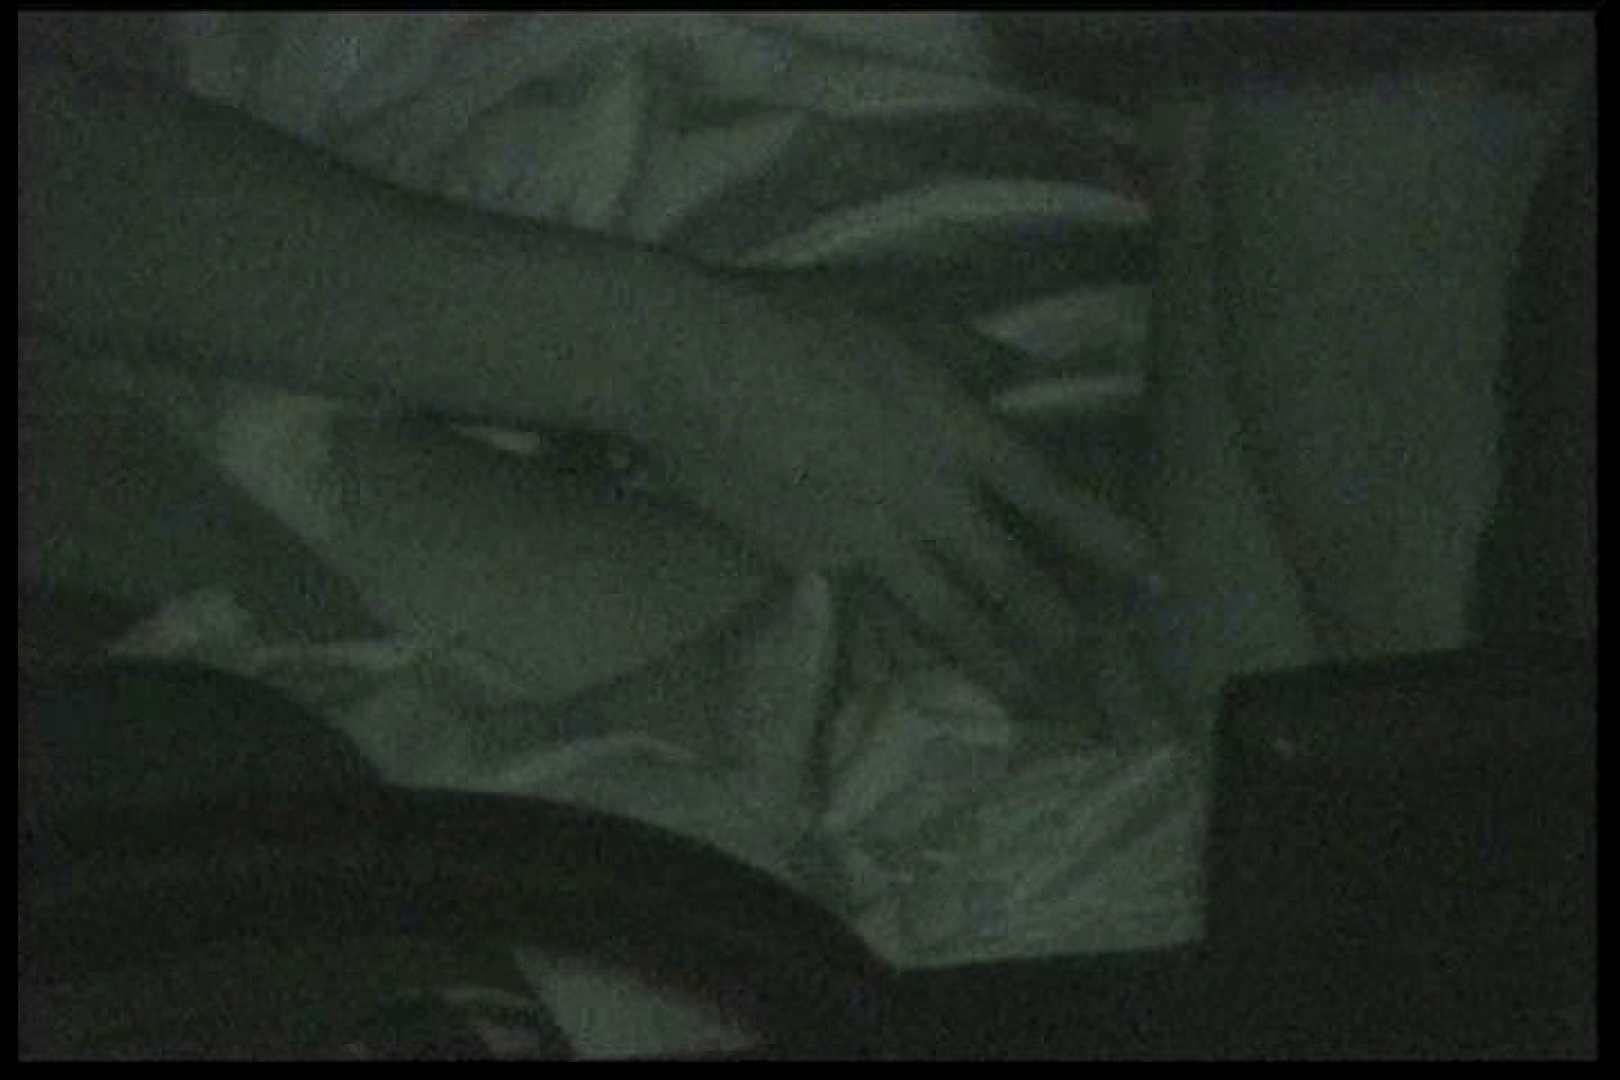 車の中はラブホテル 無修正版  Vol.14 車 エロ無料画像 77pic 22